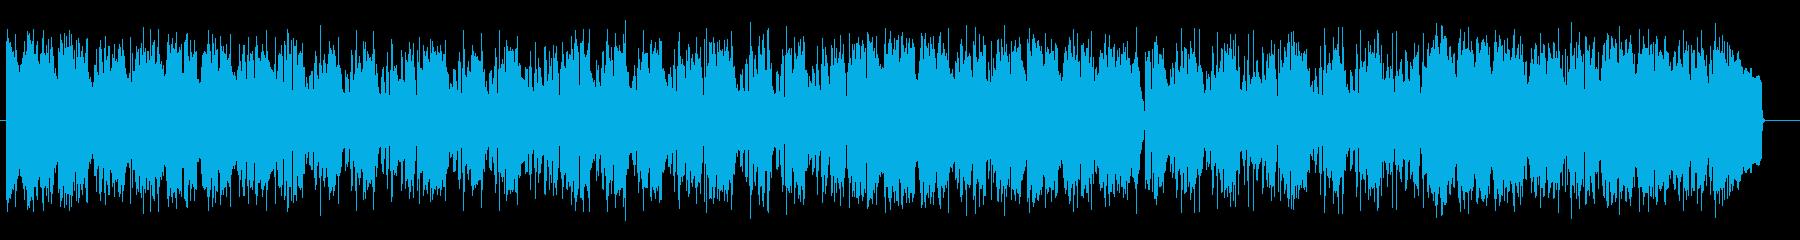 お洒落でクールなグルーヴのAOR音楽の再生済みの波形